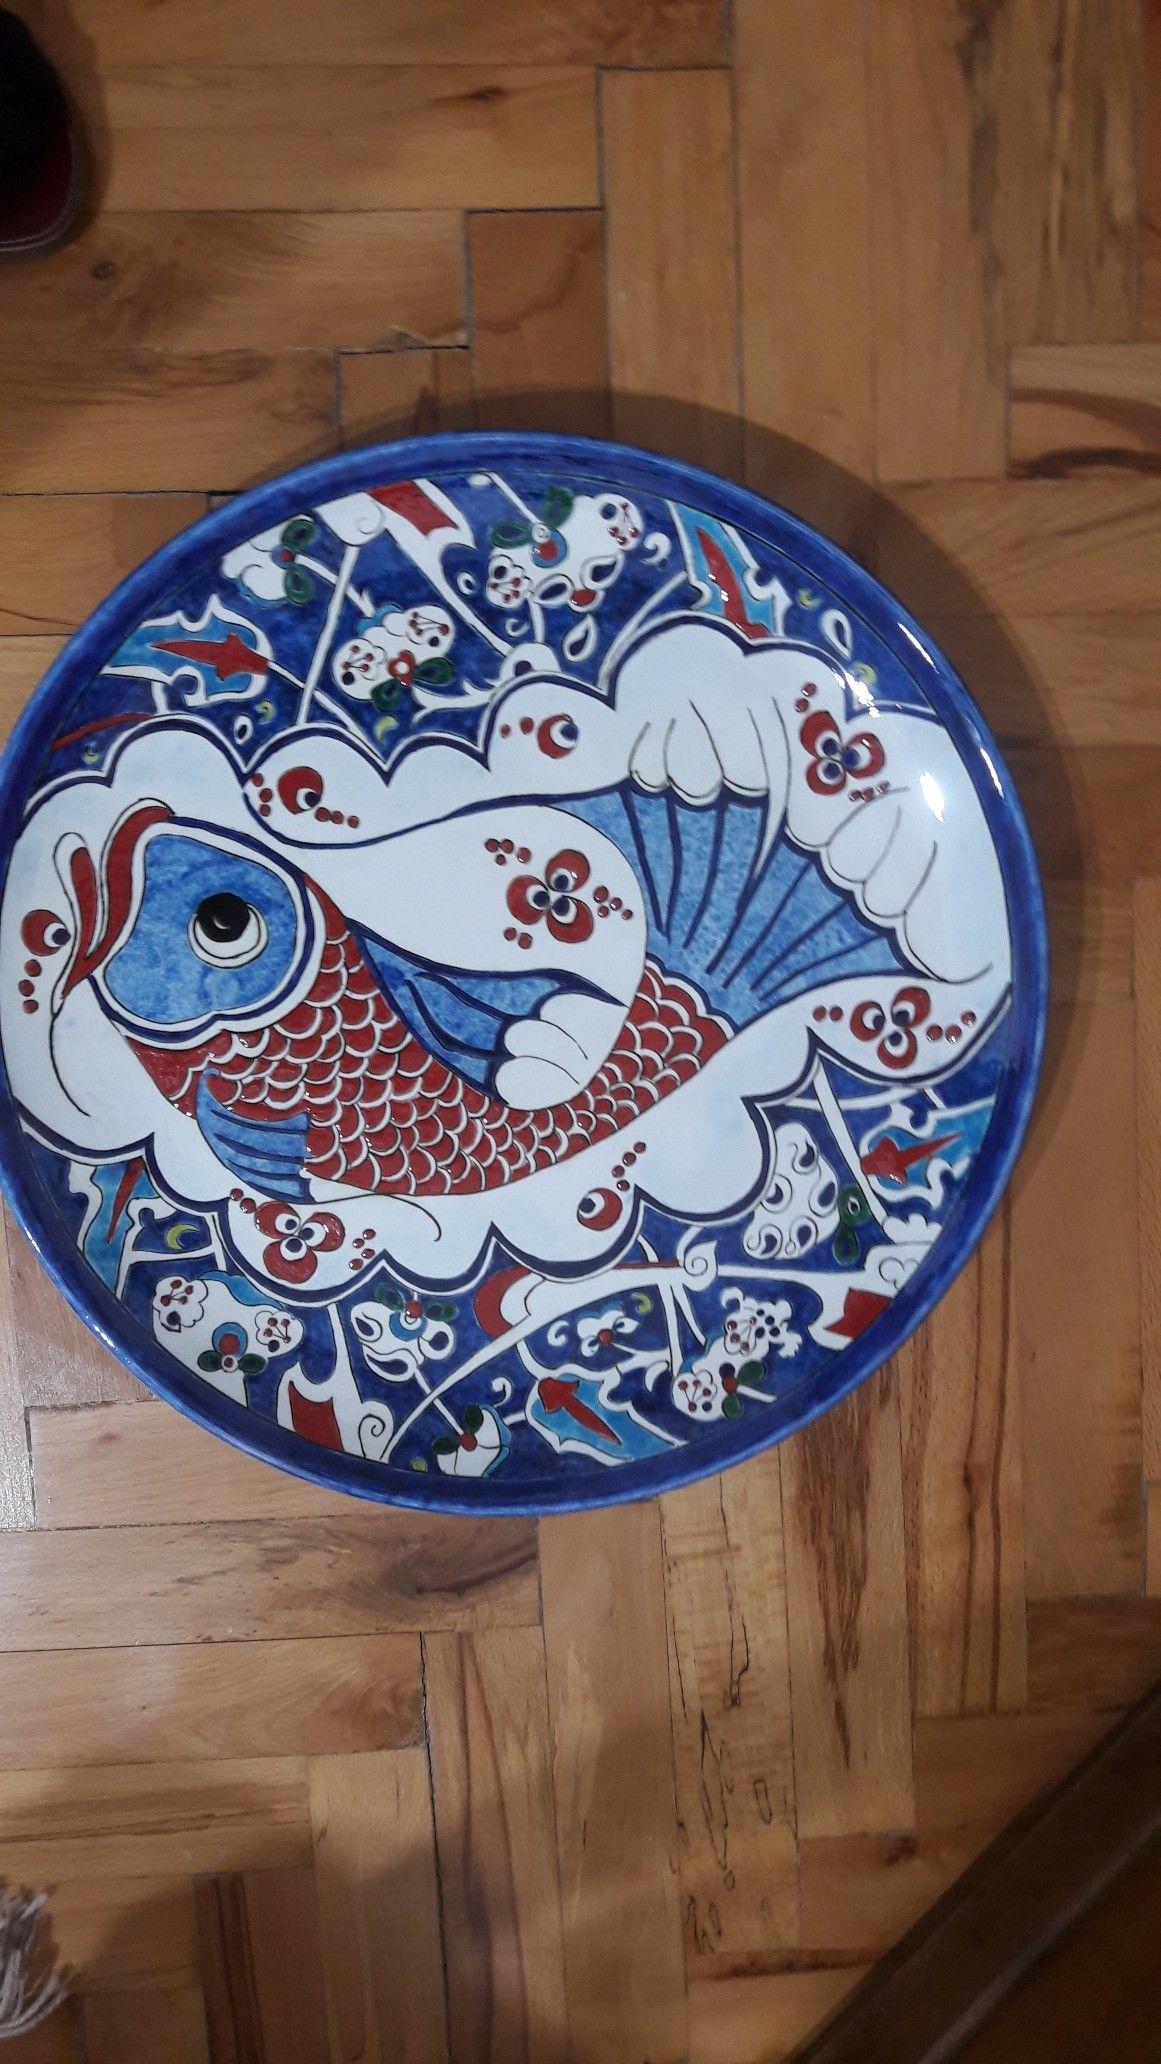 Müzeyyen Arpacıoğlu adlı kullanıcının cini tabak